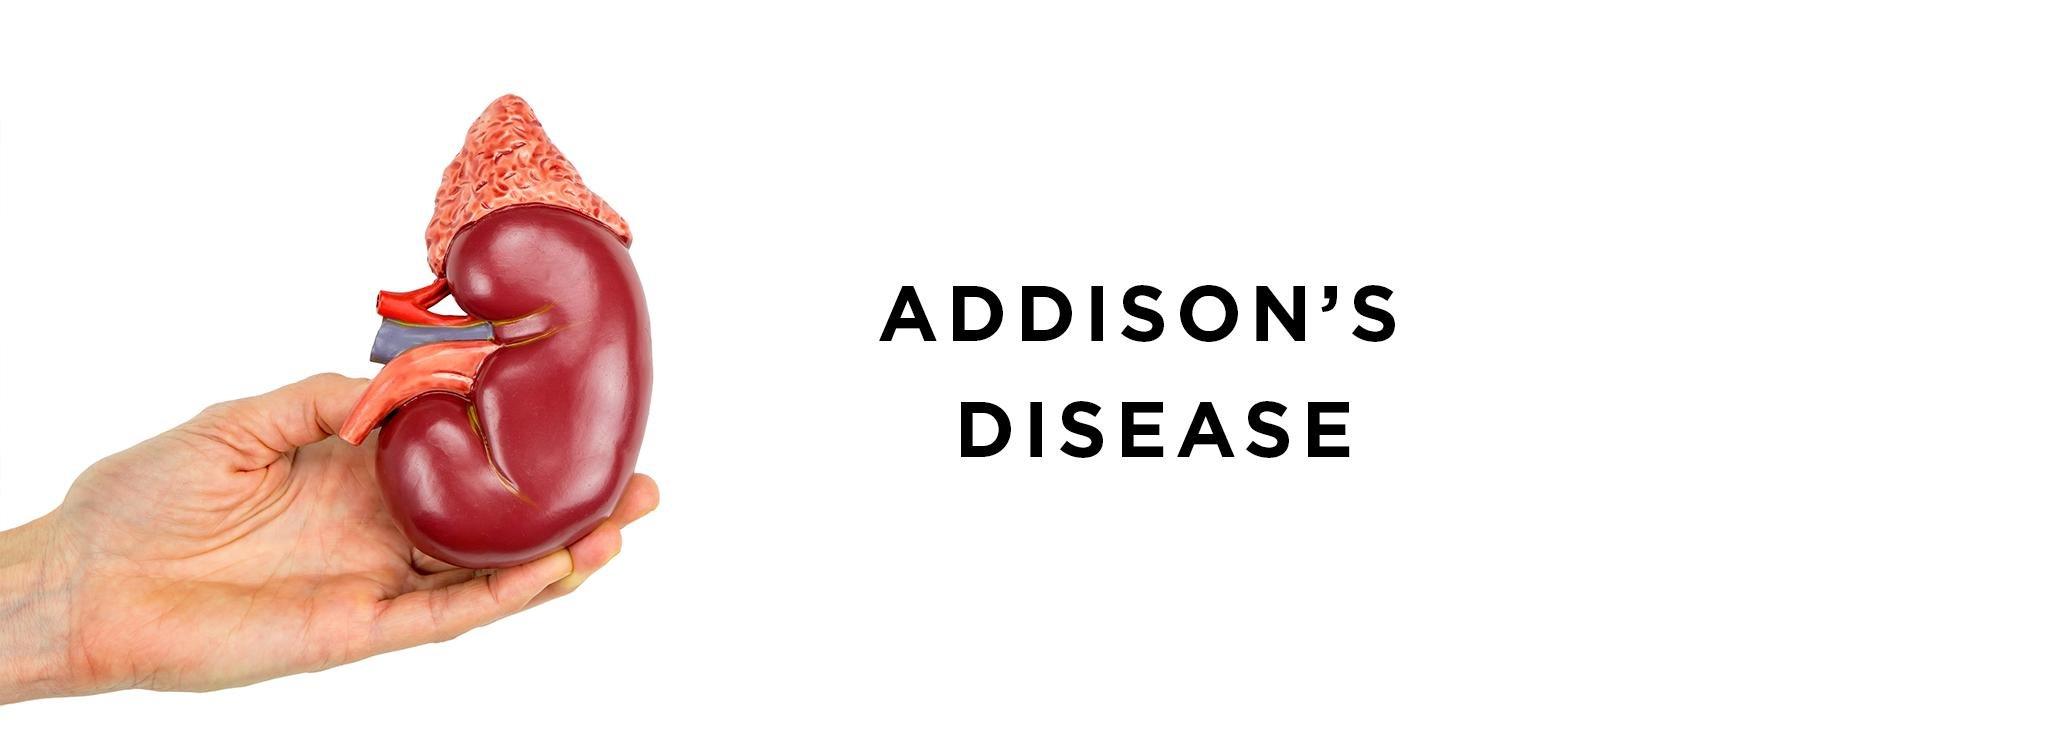 Addison's Disease With Type 1 Diabetes: Schmidt Syndrome